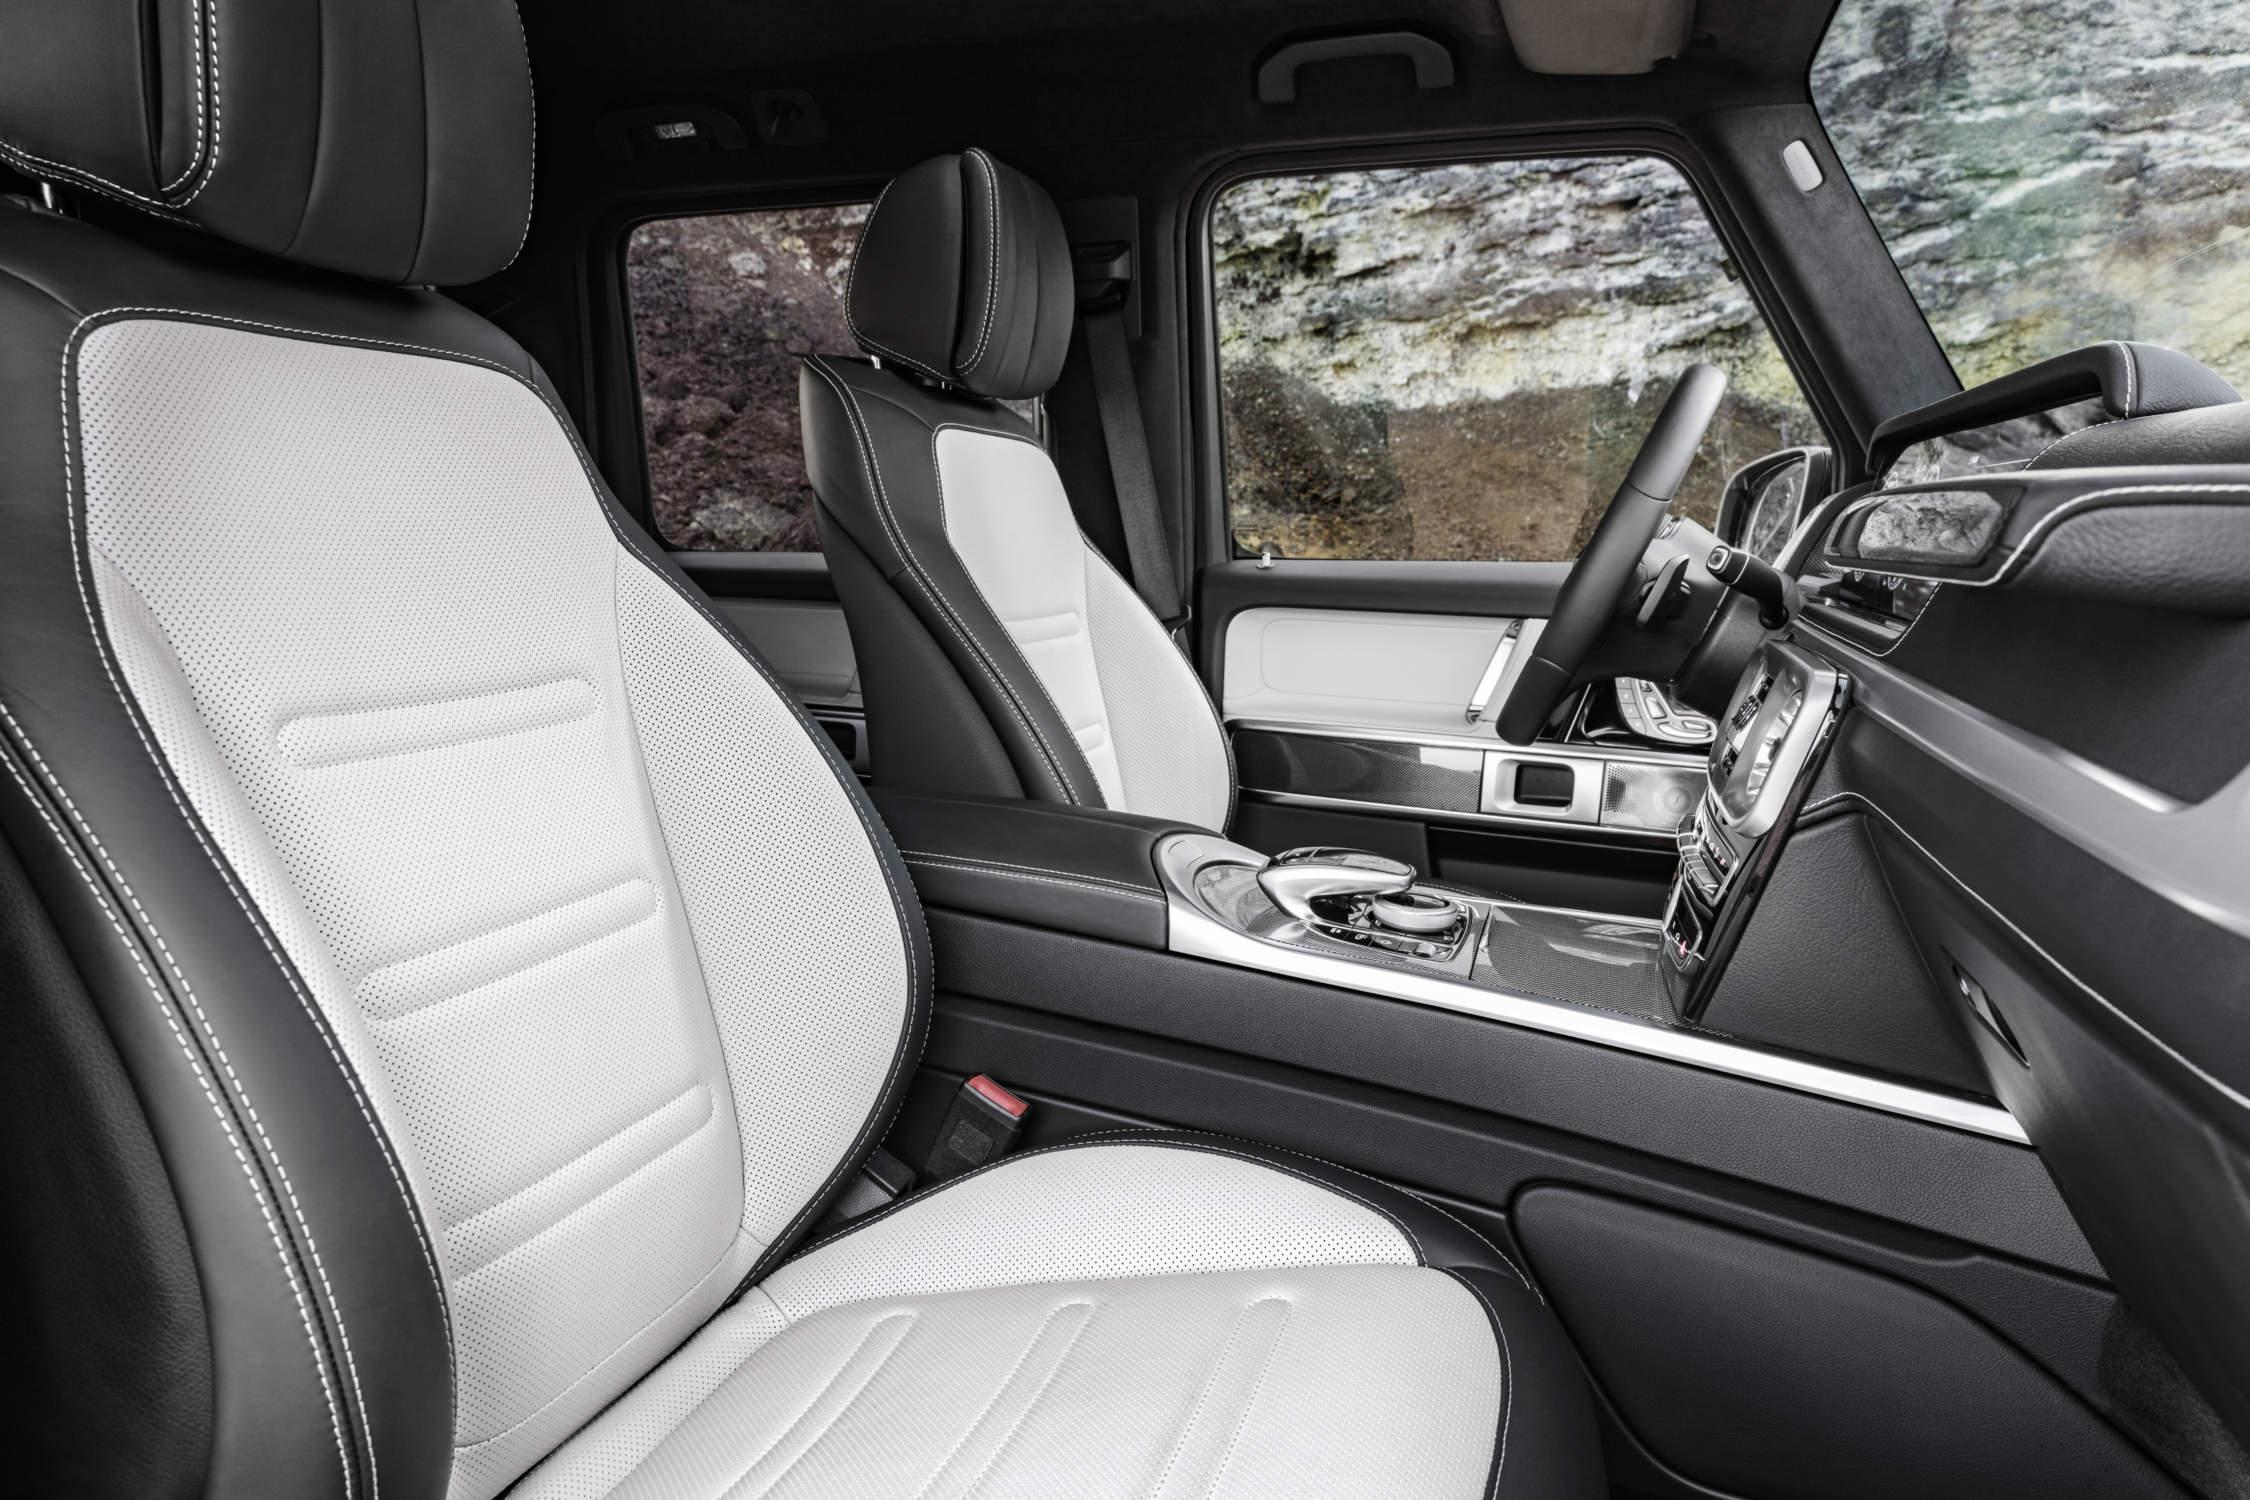 Des images du nouvel intérieur — Mercedes Classe G